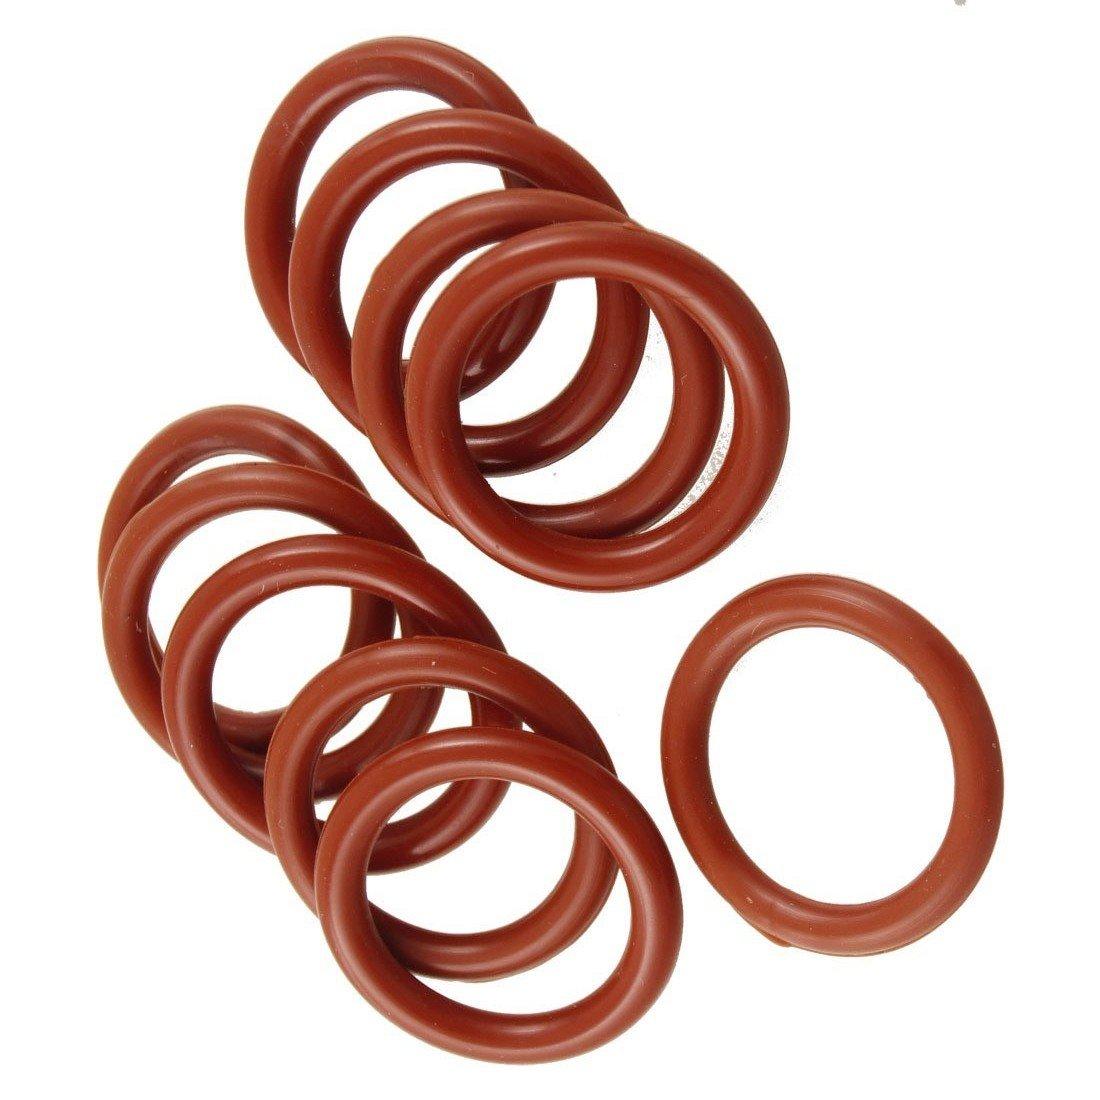 O Ring R 10 PCS Brick Rot Silikon O Ring Dichtung Unterlegscheibe 24 mm x 30 mm x 3 mm SODIAL